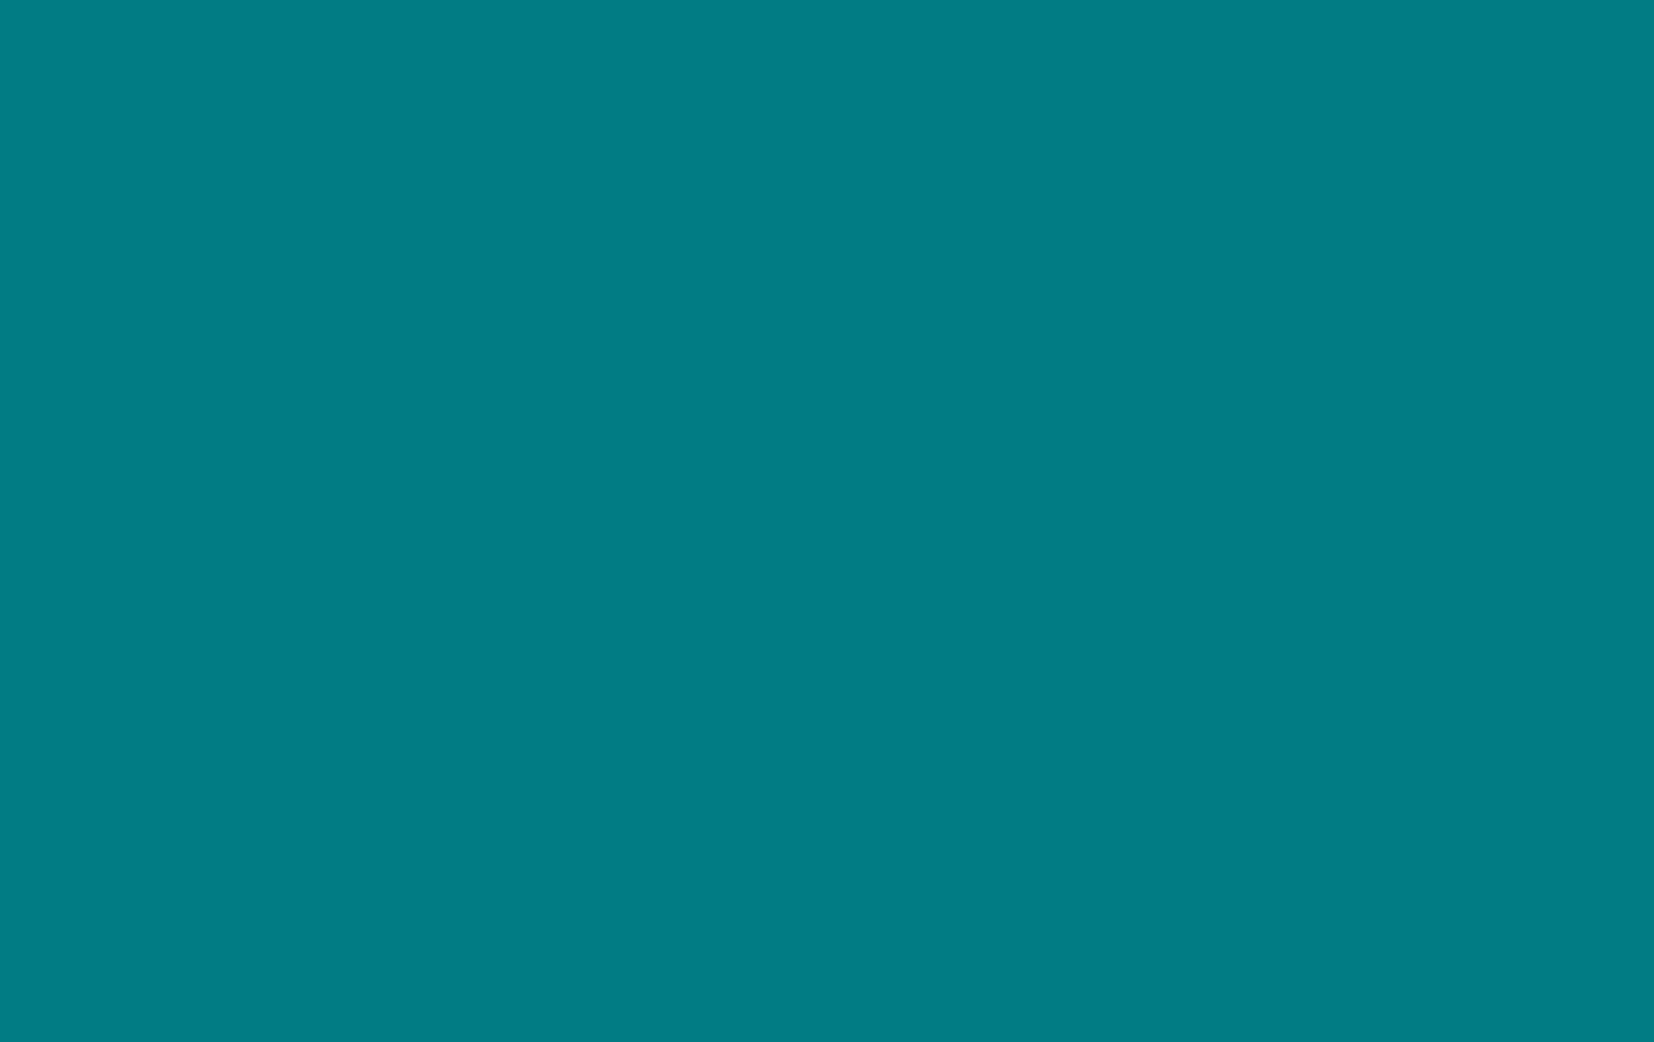 Cheapest Blinds Uk Ltd Turquoise Roller Blind